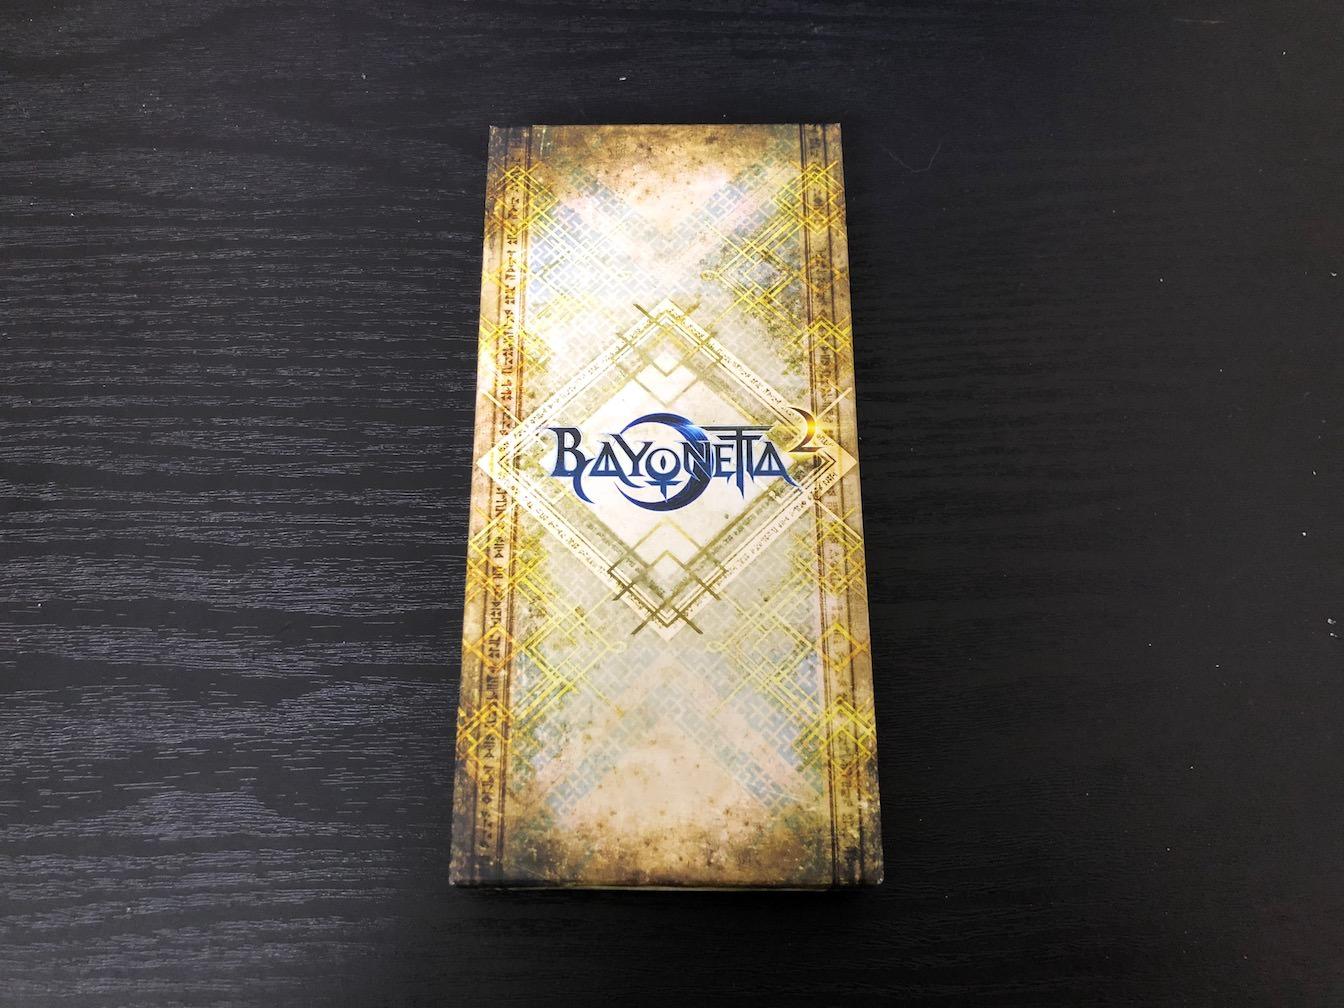 Bayonetta non stop climax edition review 7